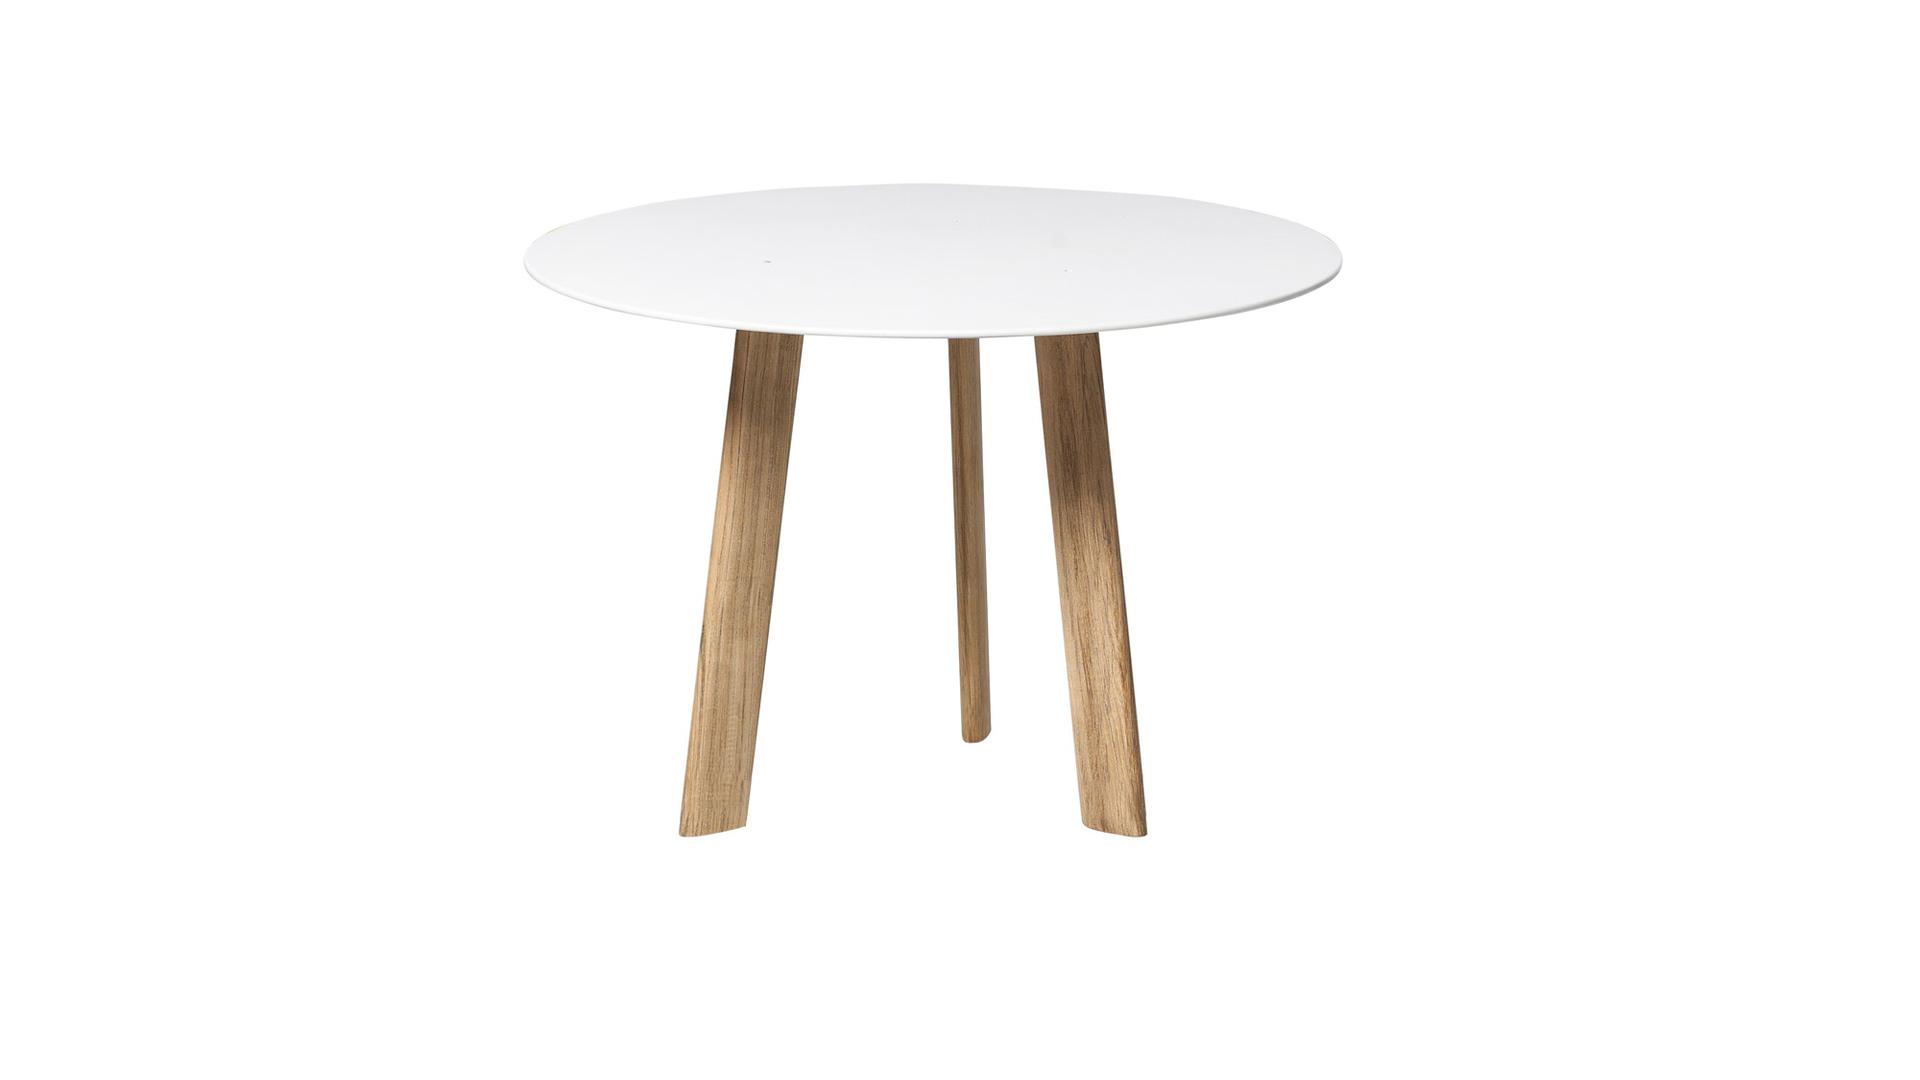 Ile_table_H34dia-60_white.jpg